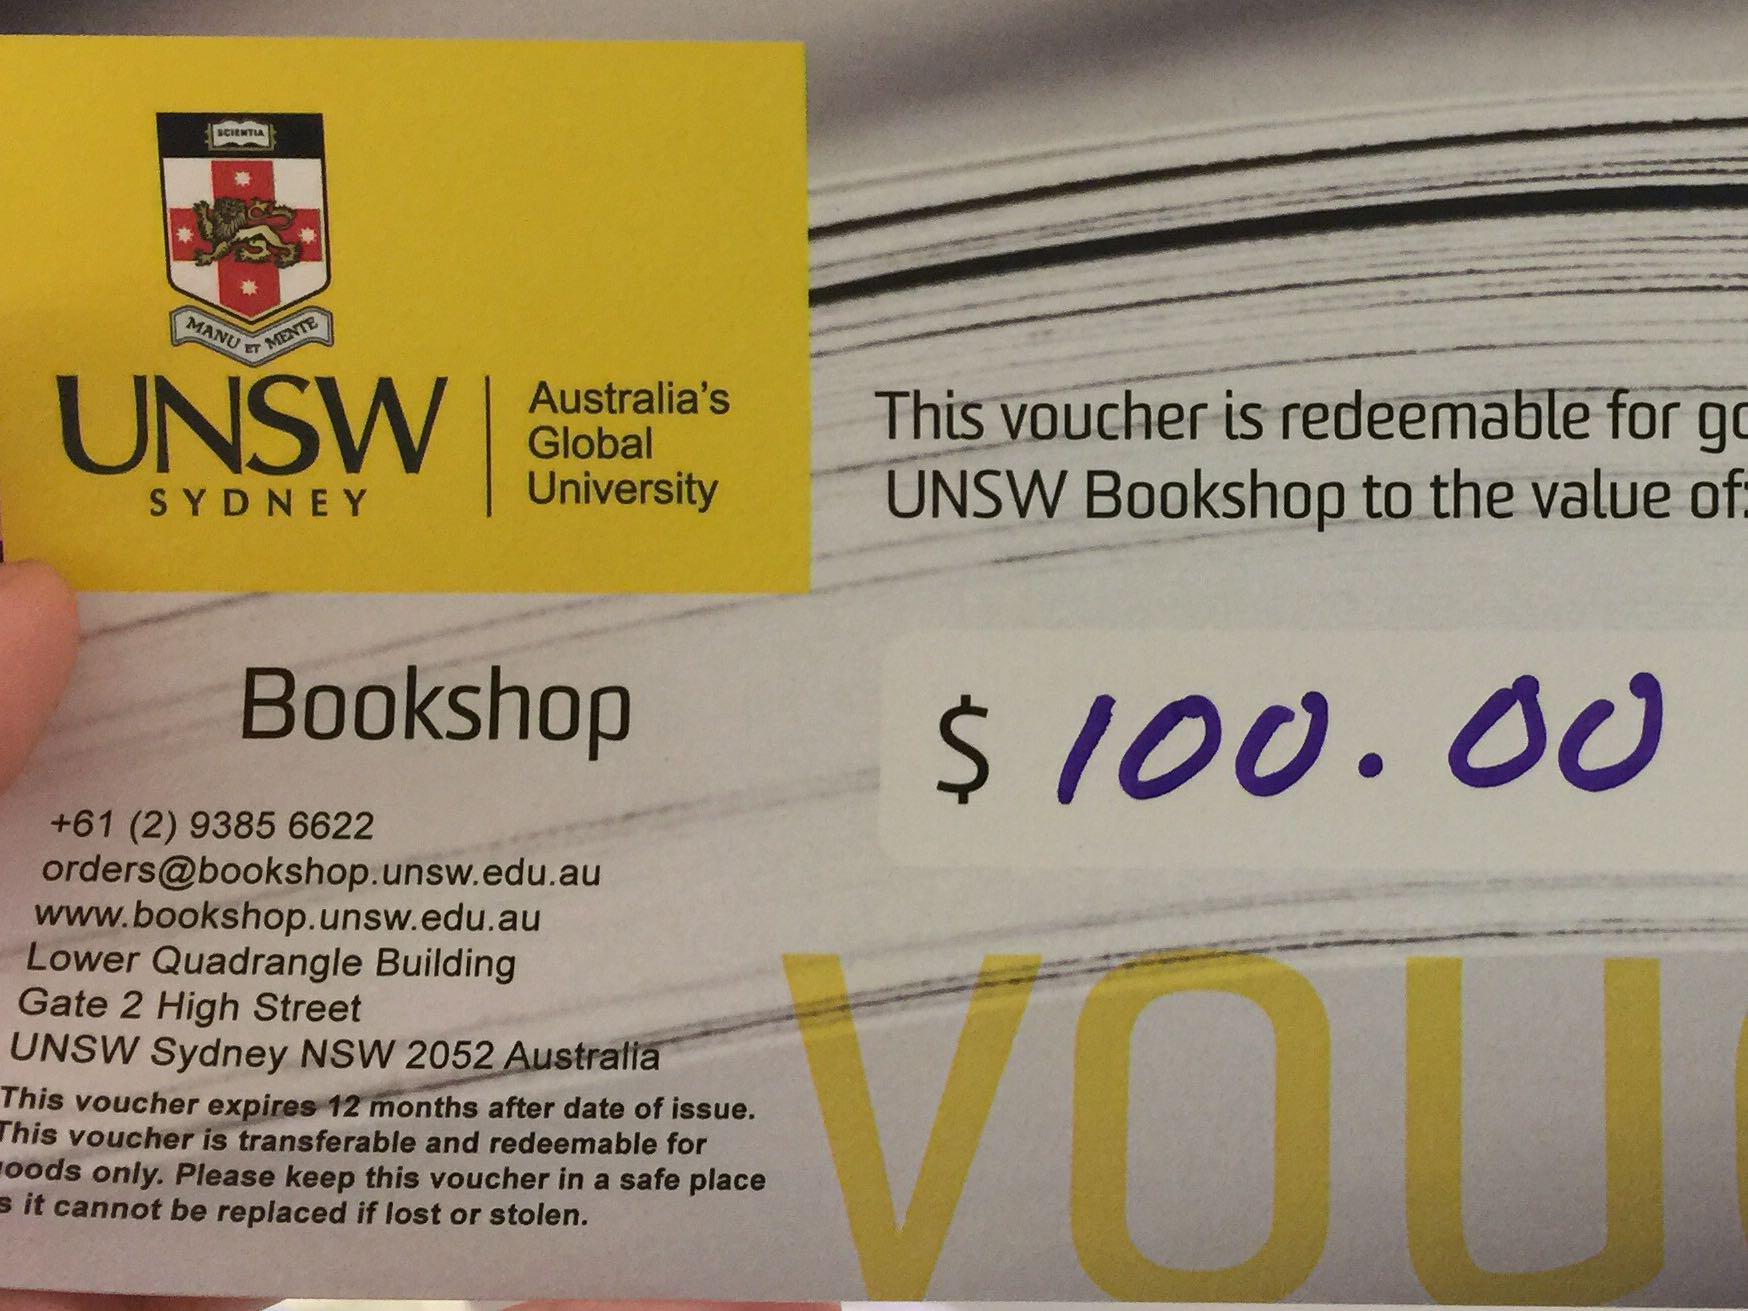 UNSW bookshop voucher, Tickets & Vouchers, Gift Cards & Vouchers on